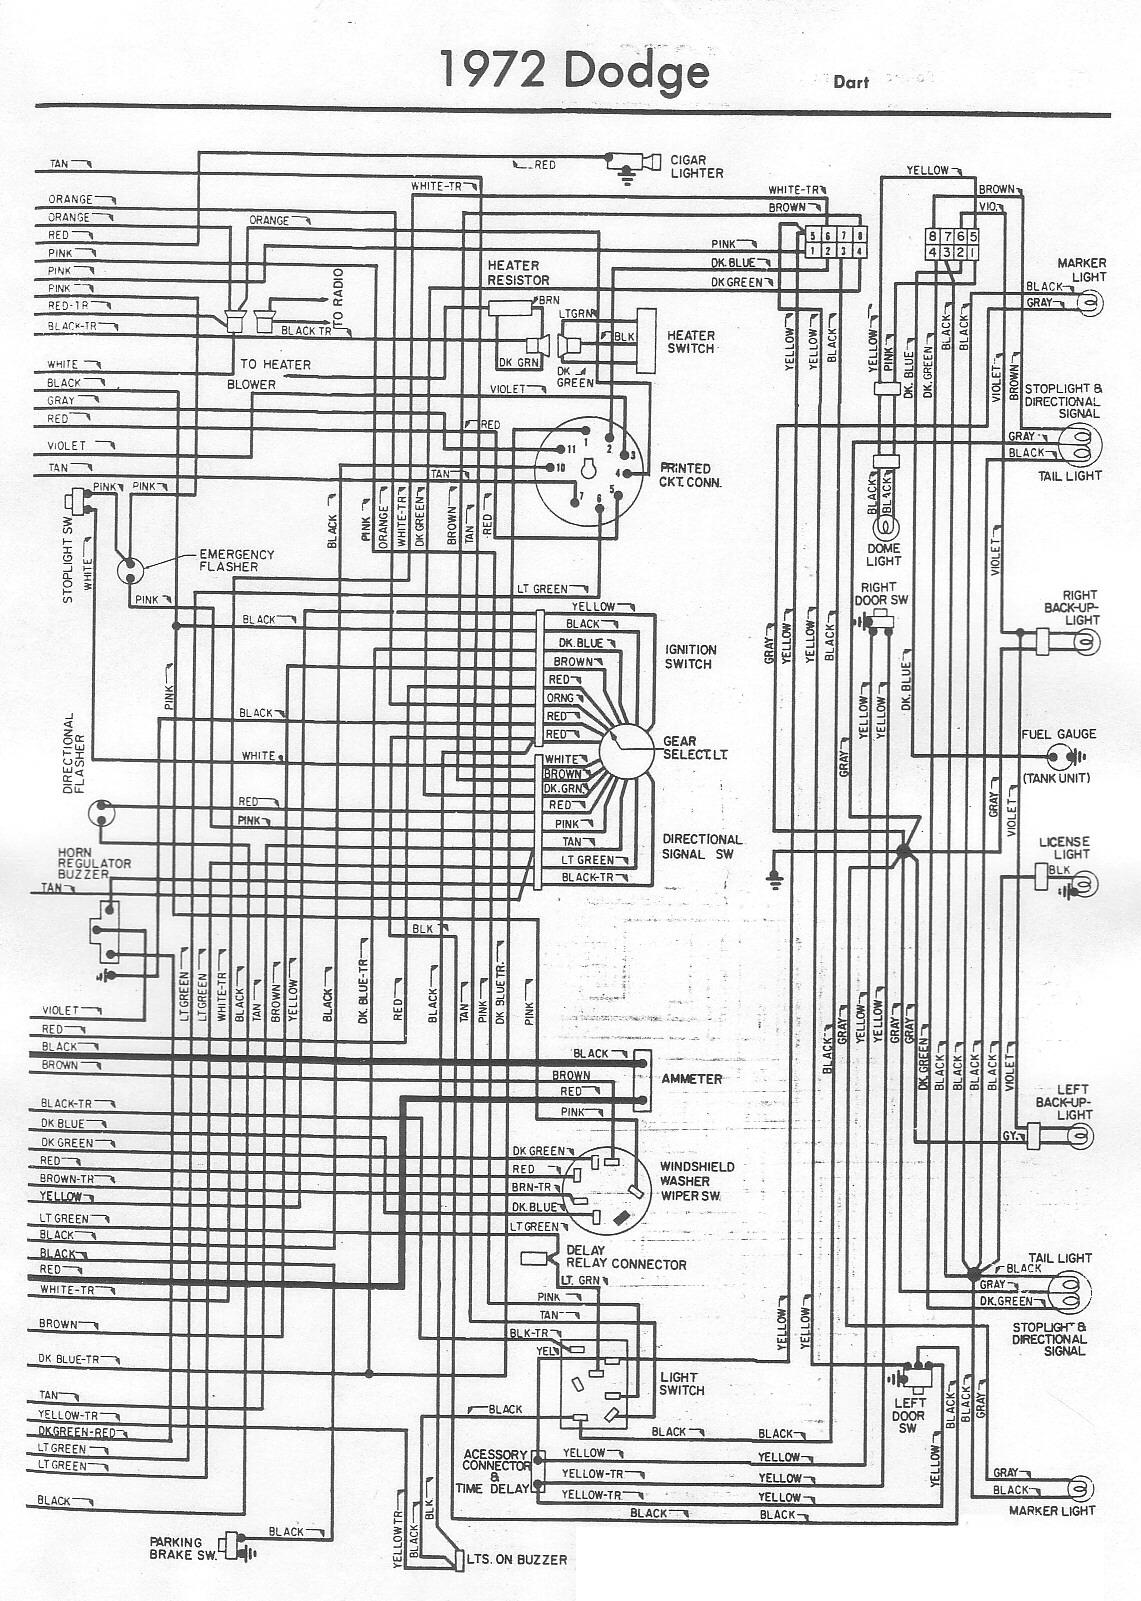 varitone wiring schematics images epiphone up wiring schematic elsavadorla